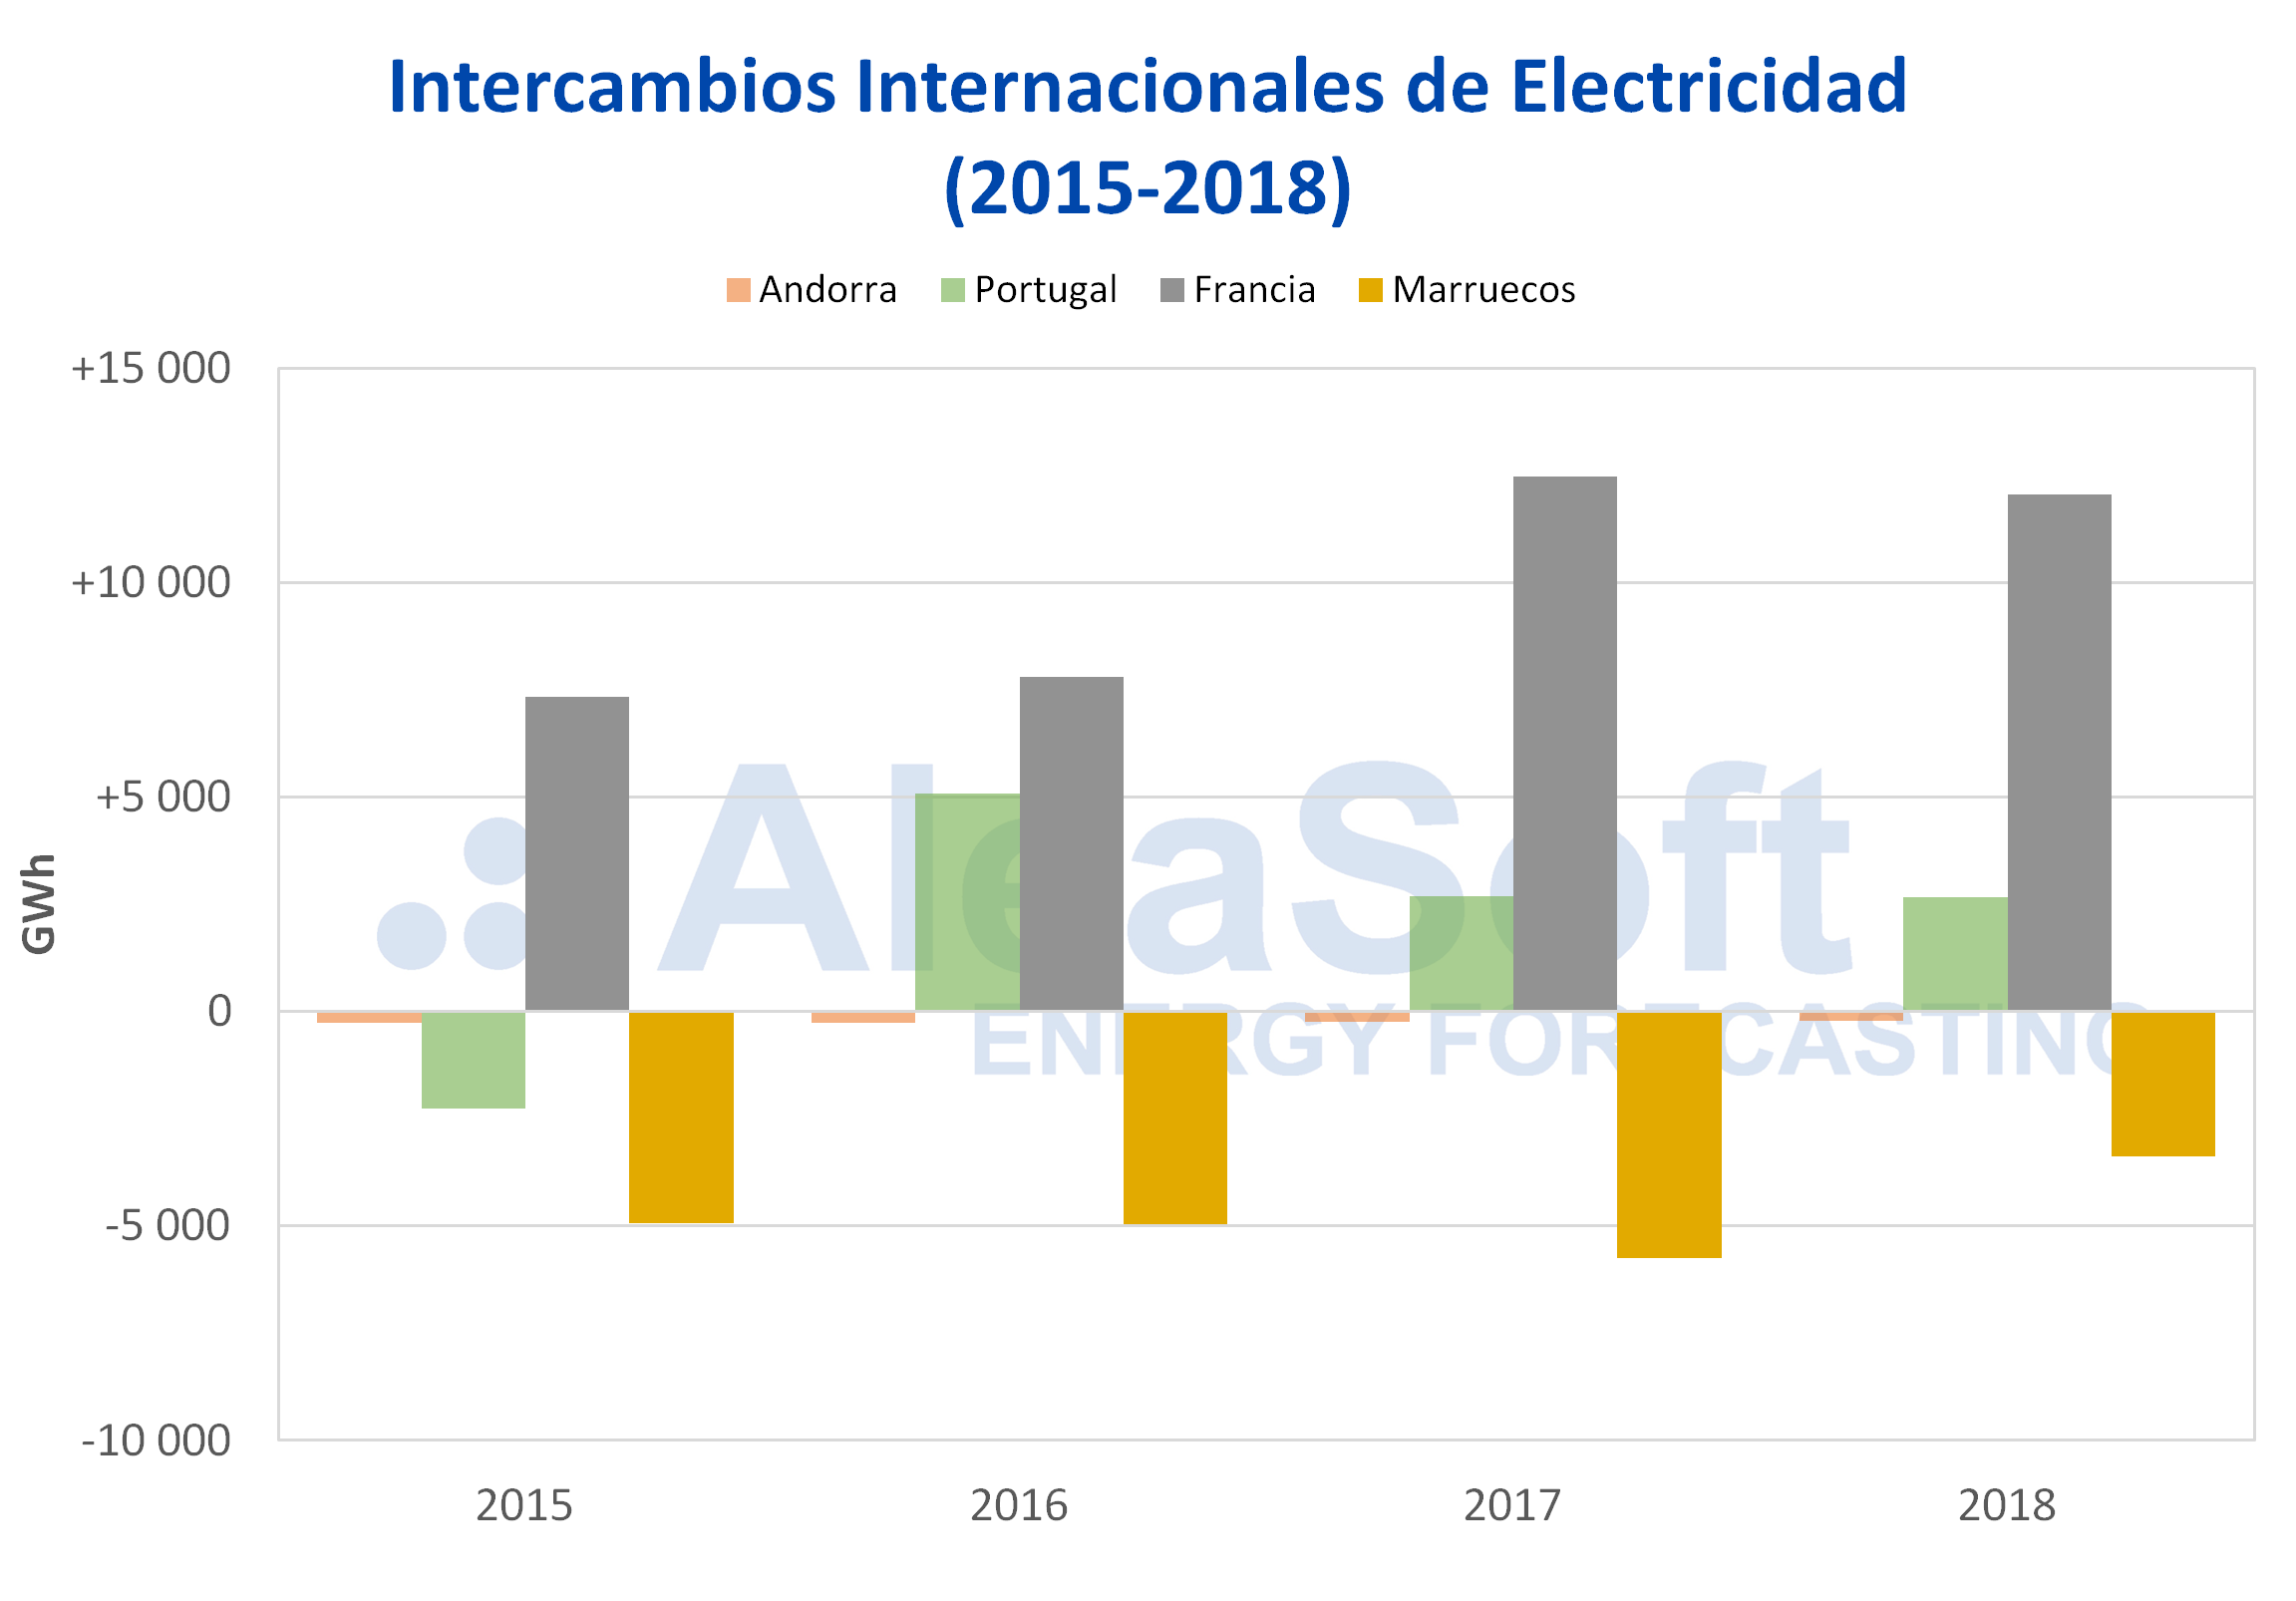 AleaSoft - Intercambios de electricidad por países 2015-2018